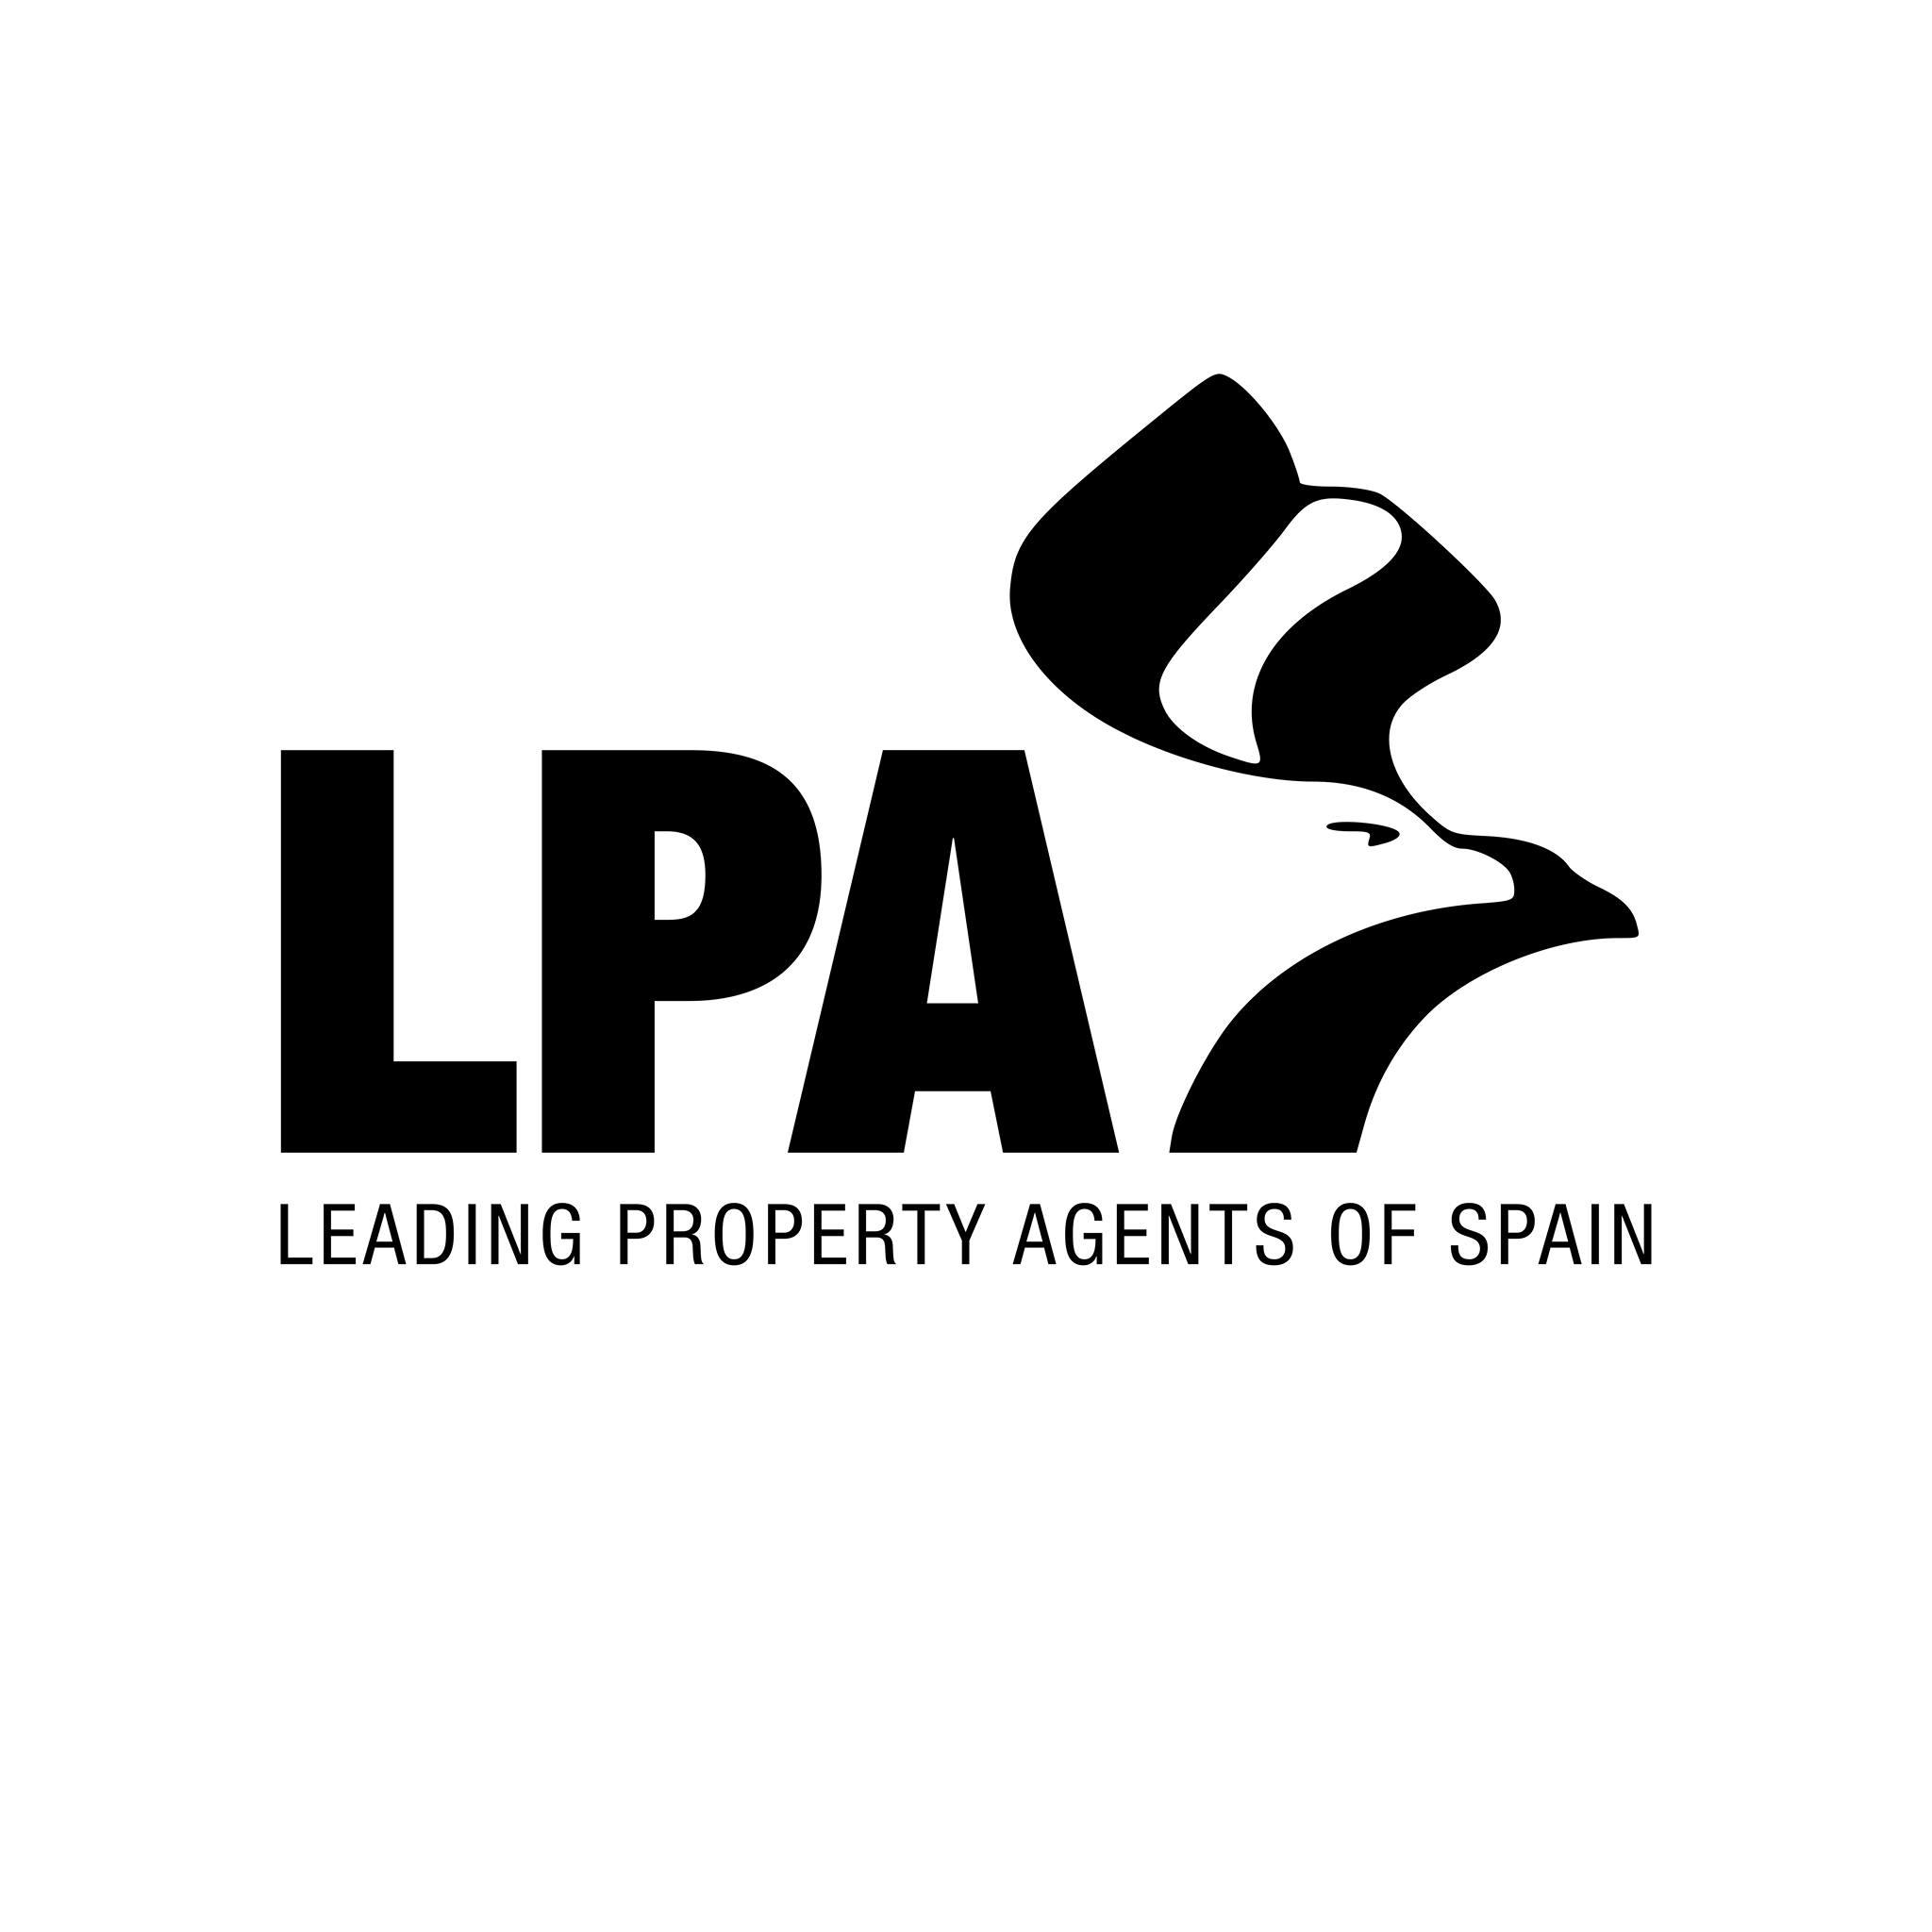 Asociación inmobiliaria LPA